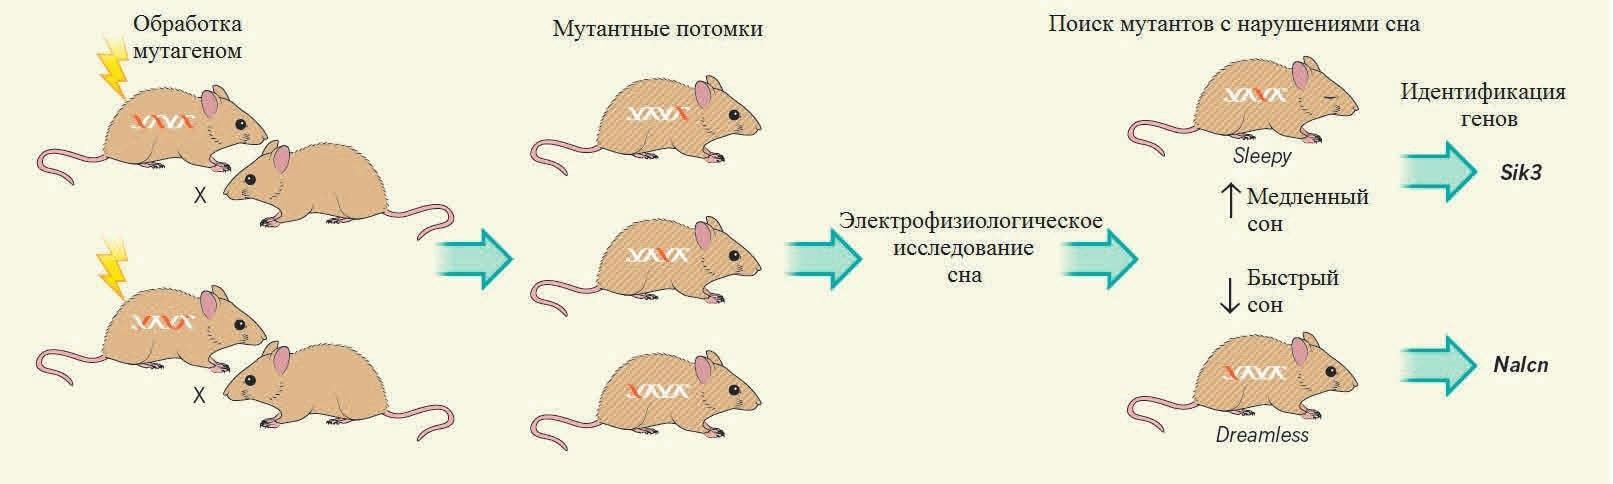 Найдены гены быстрого и медленного сна у мышей